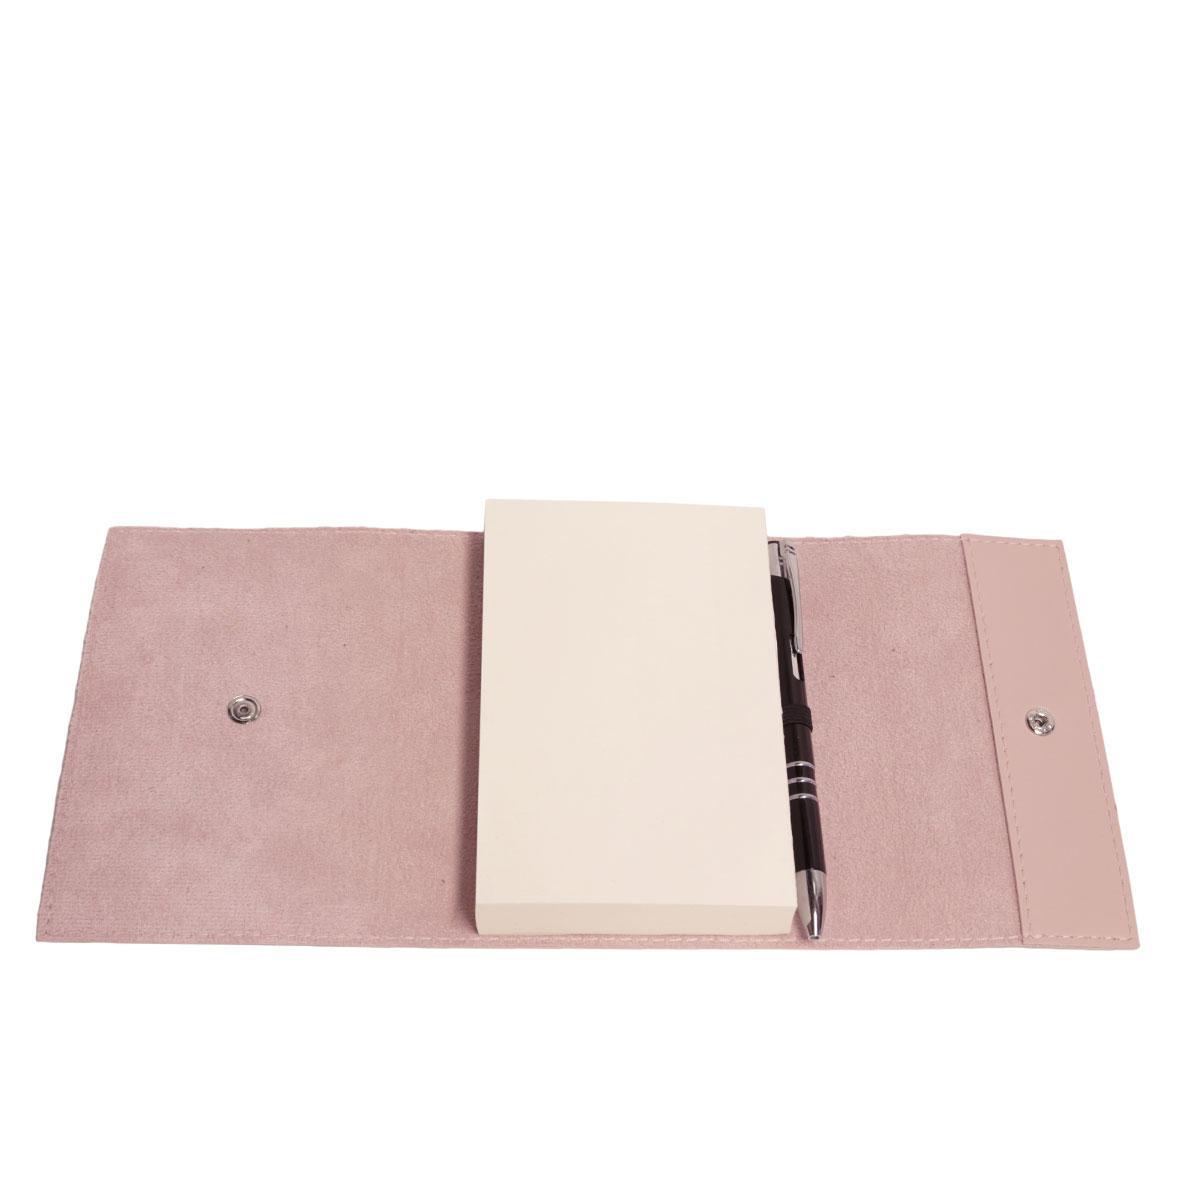 Bloco envelope com caneta (Montana Rosé)